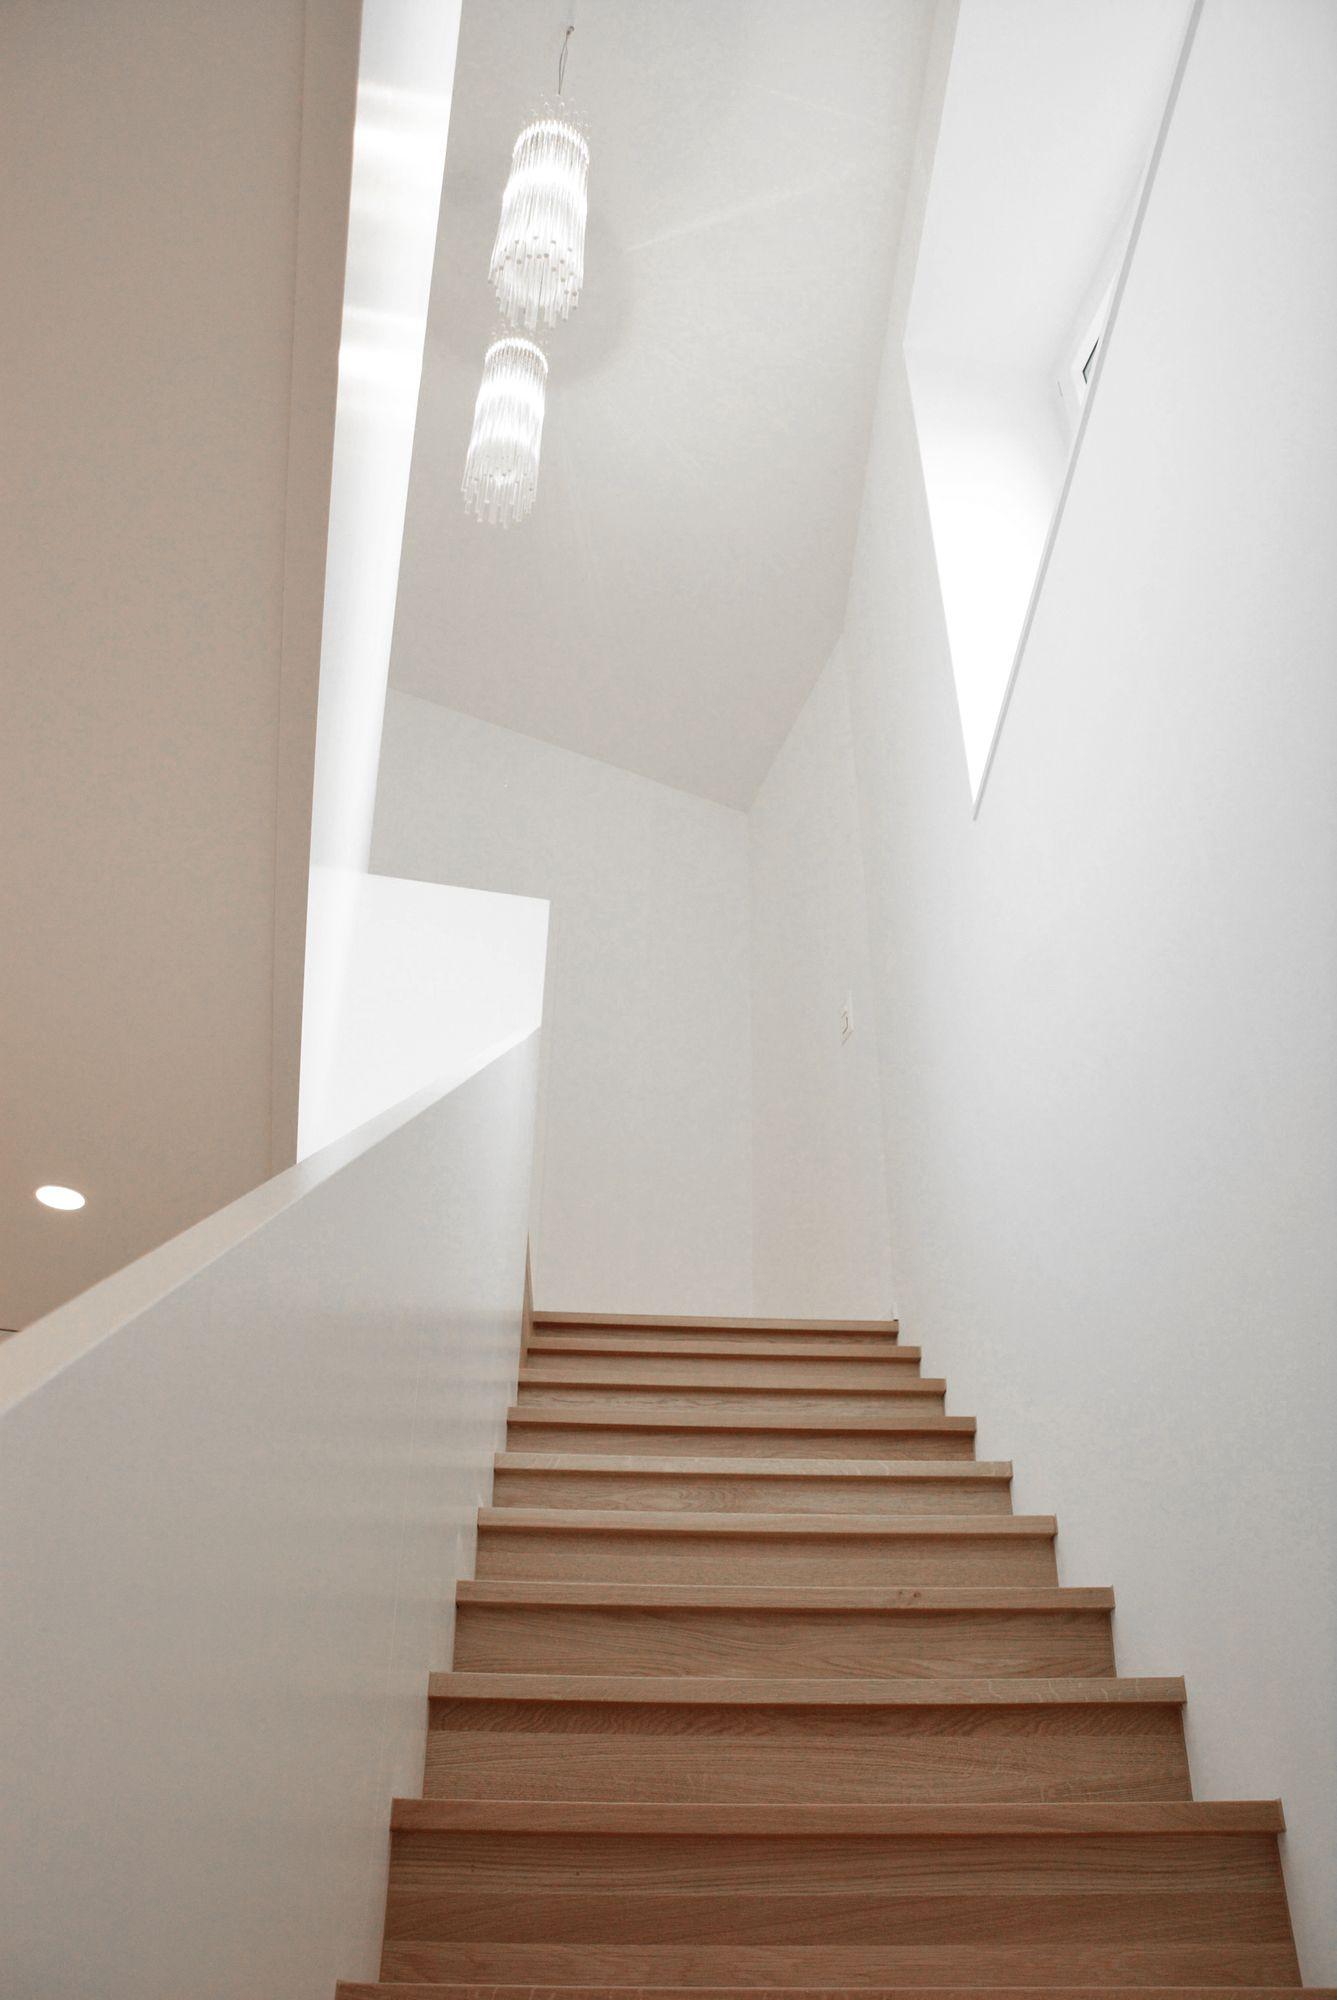 Neubau Wohnhaus Klinkerfassade Zweischalenmauerwerk Eichenparkett